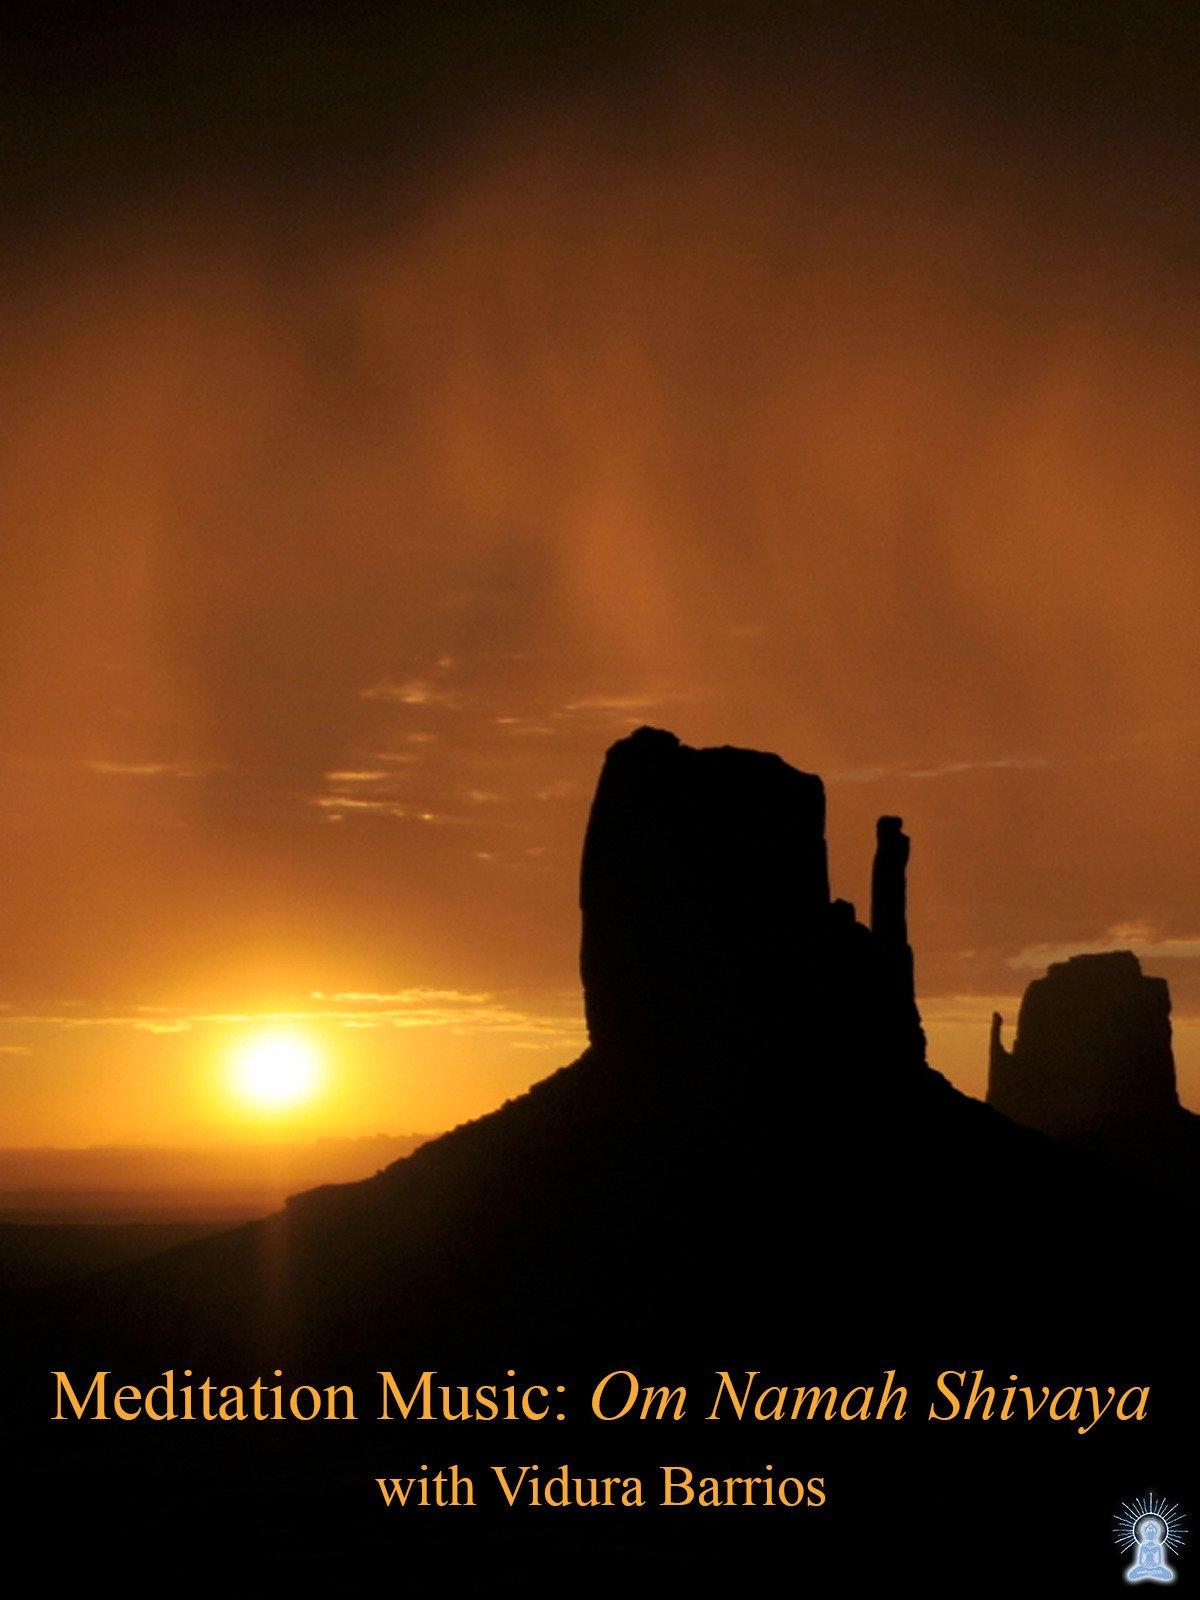 Meditation Music: Om Namah Shivaya with Vidura Barrios